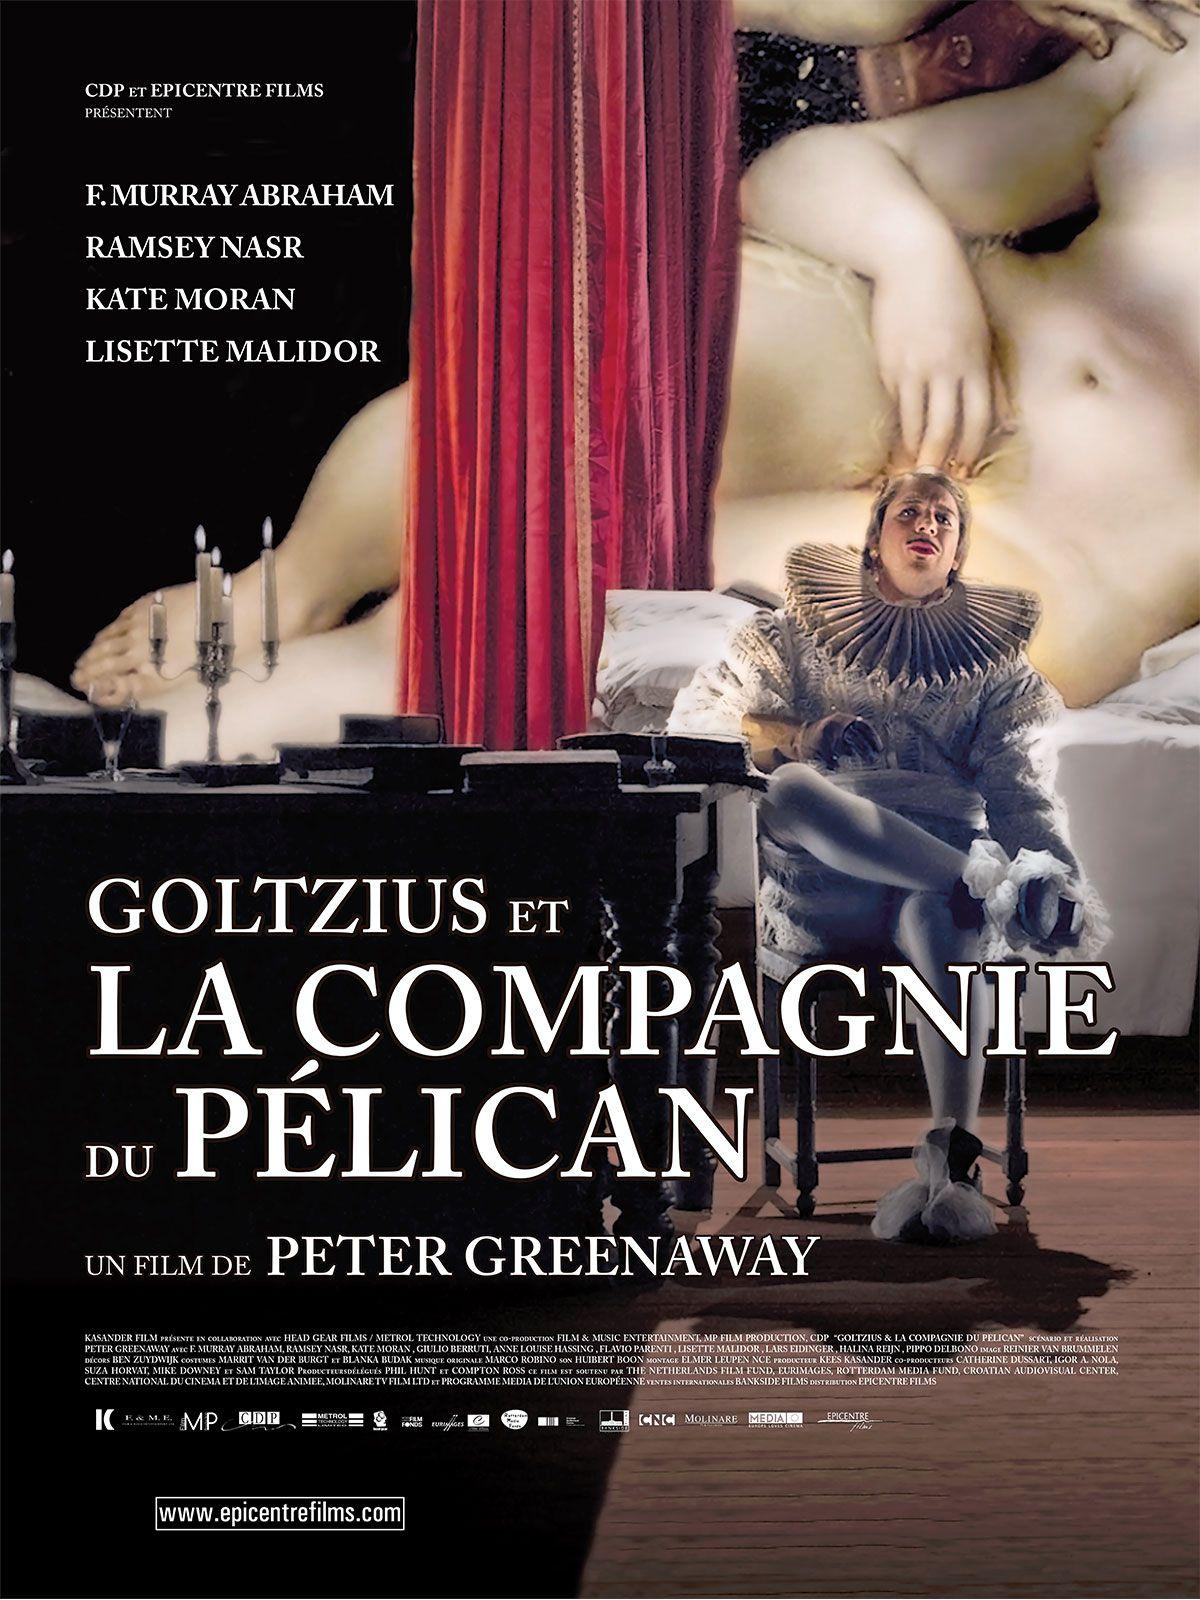 Goltzius et la compagnie du pélican (Goltzius and the